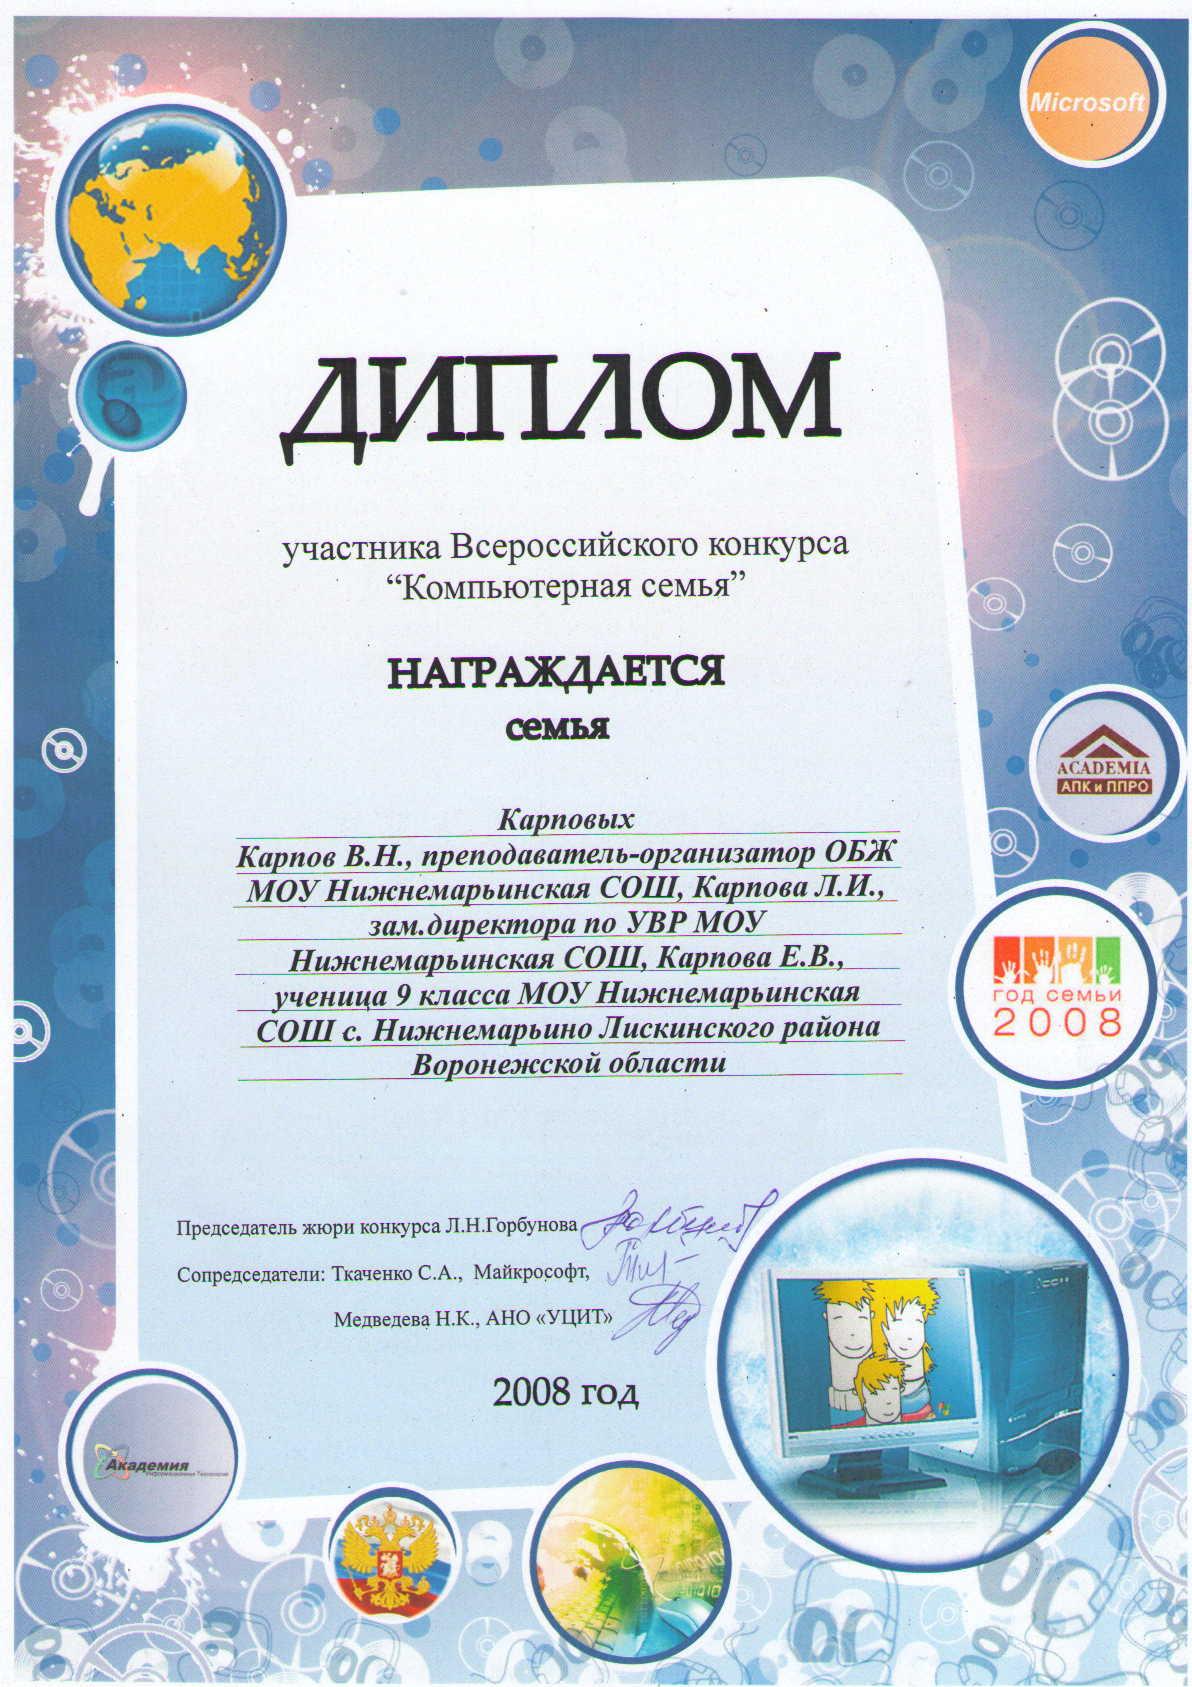 достижения Диплом всероссийского конкурса Компьютерная семья 2008 посмотреть